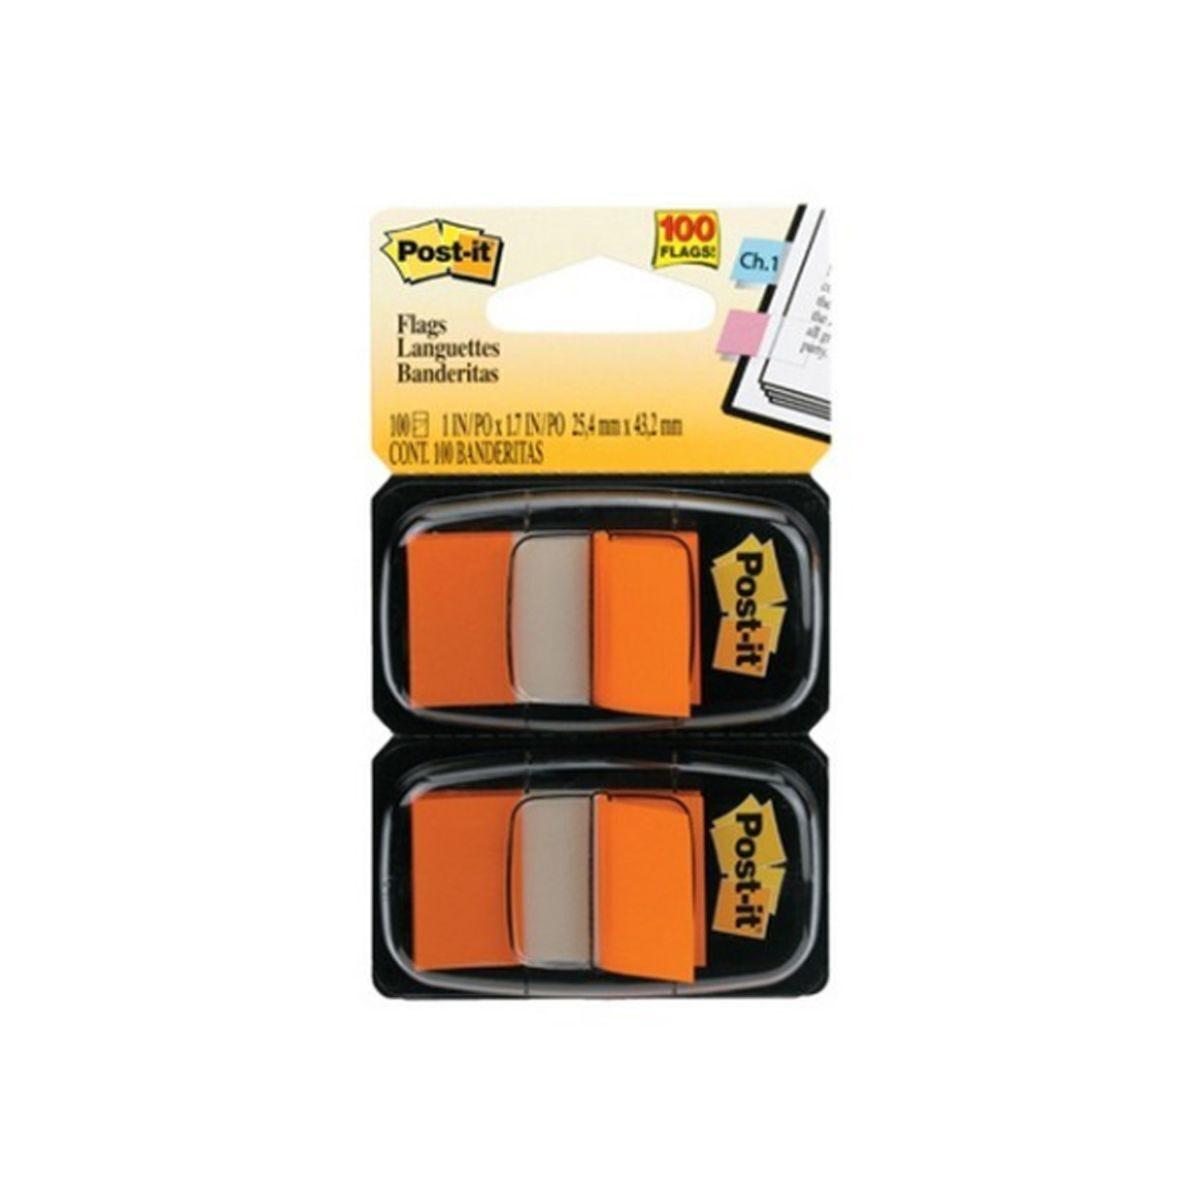 Post-it Index Medium Tabs Pack of 100 Tabs Orange